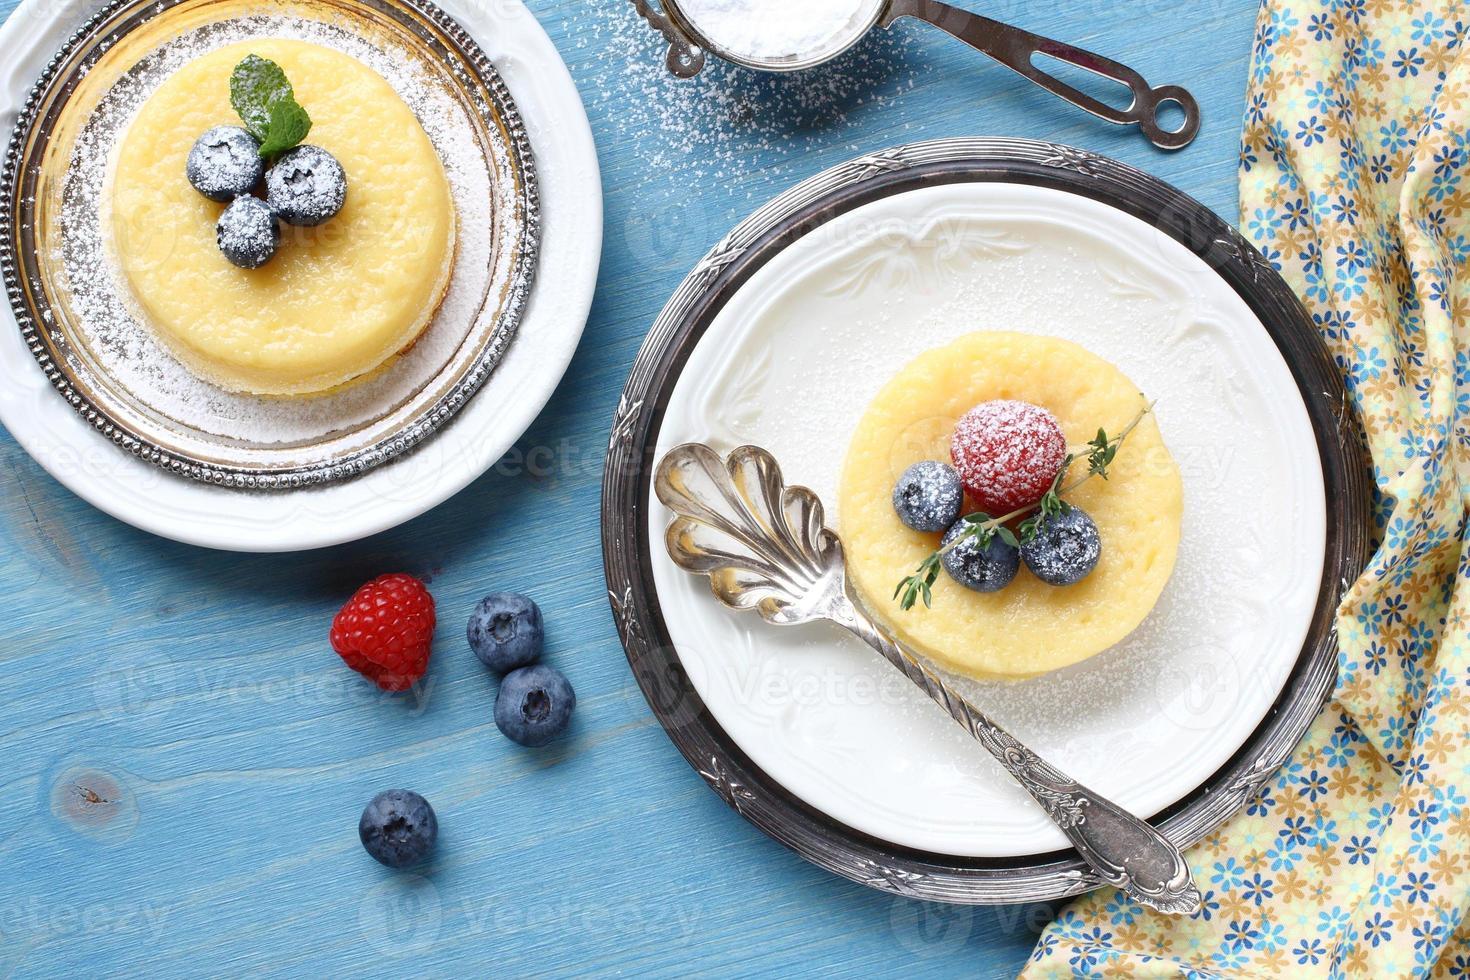 Zitronenüberraschungspuddingkuchen mit Beeren serviert foto